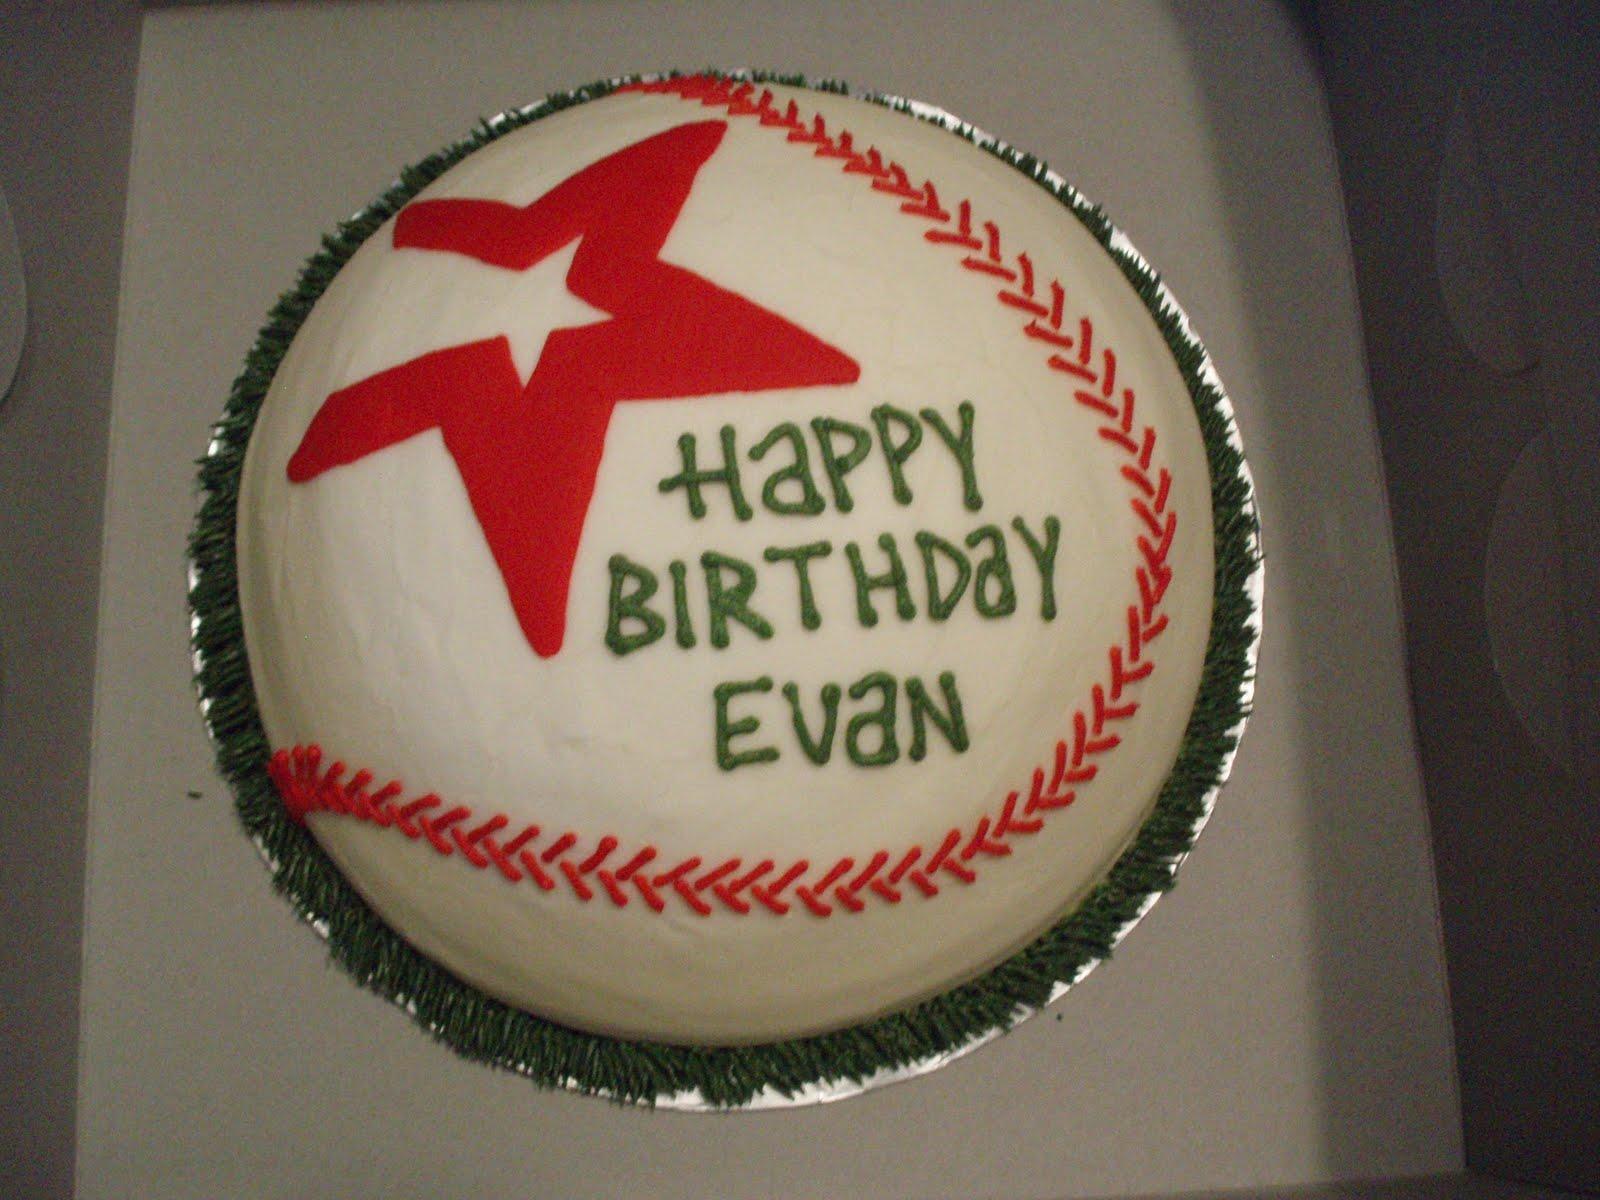 Houston Astros This Birthday Cake